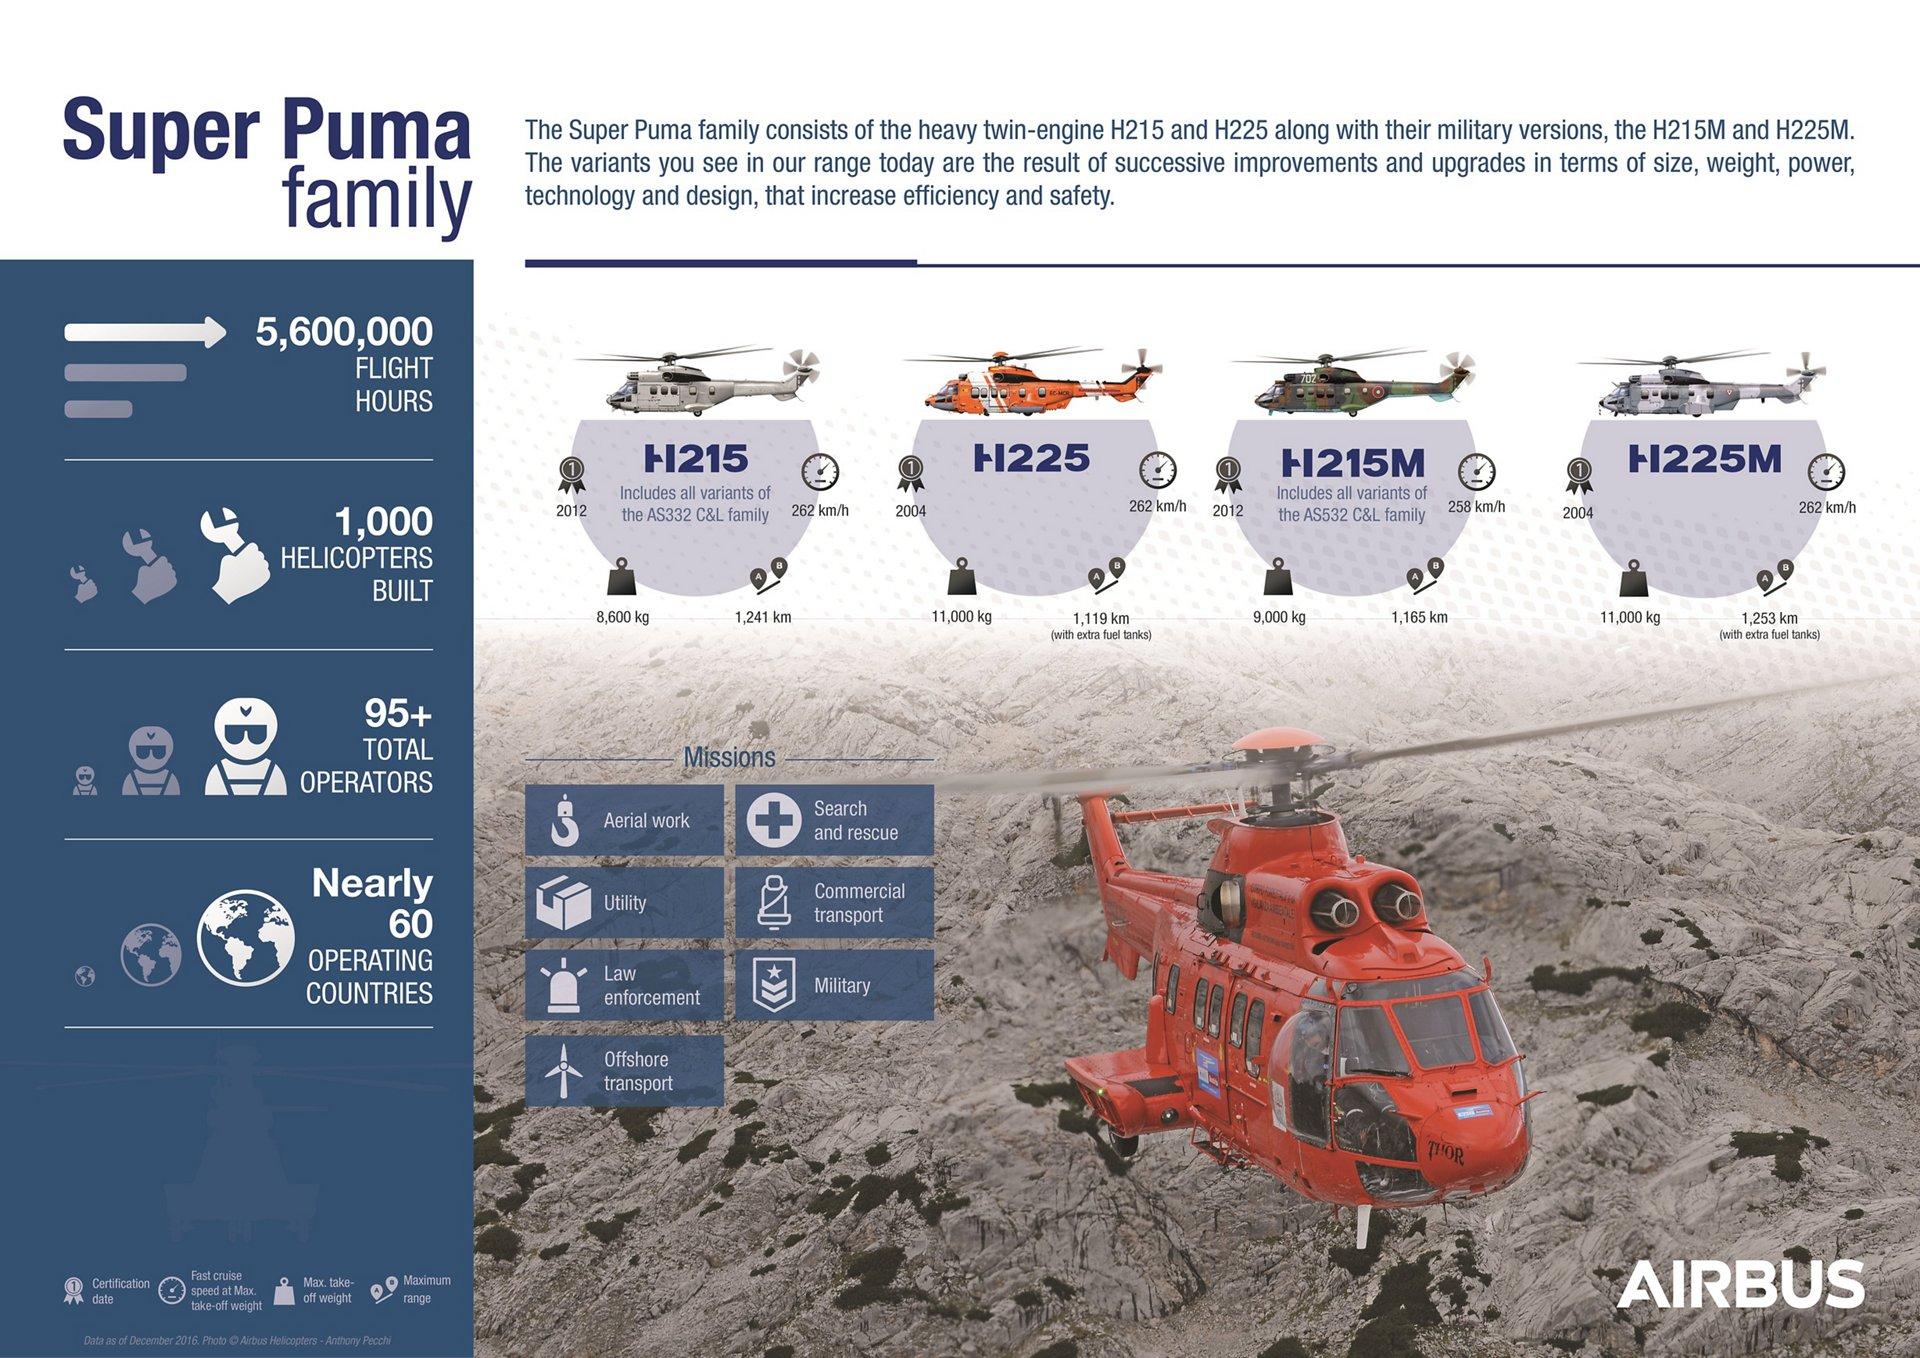 Super Puma Infographic